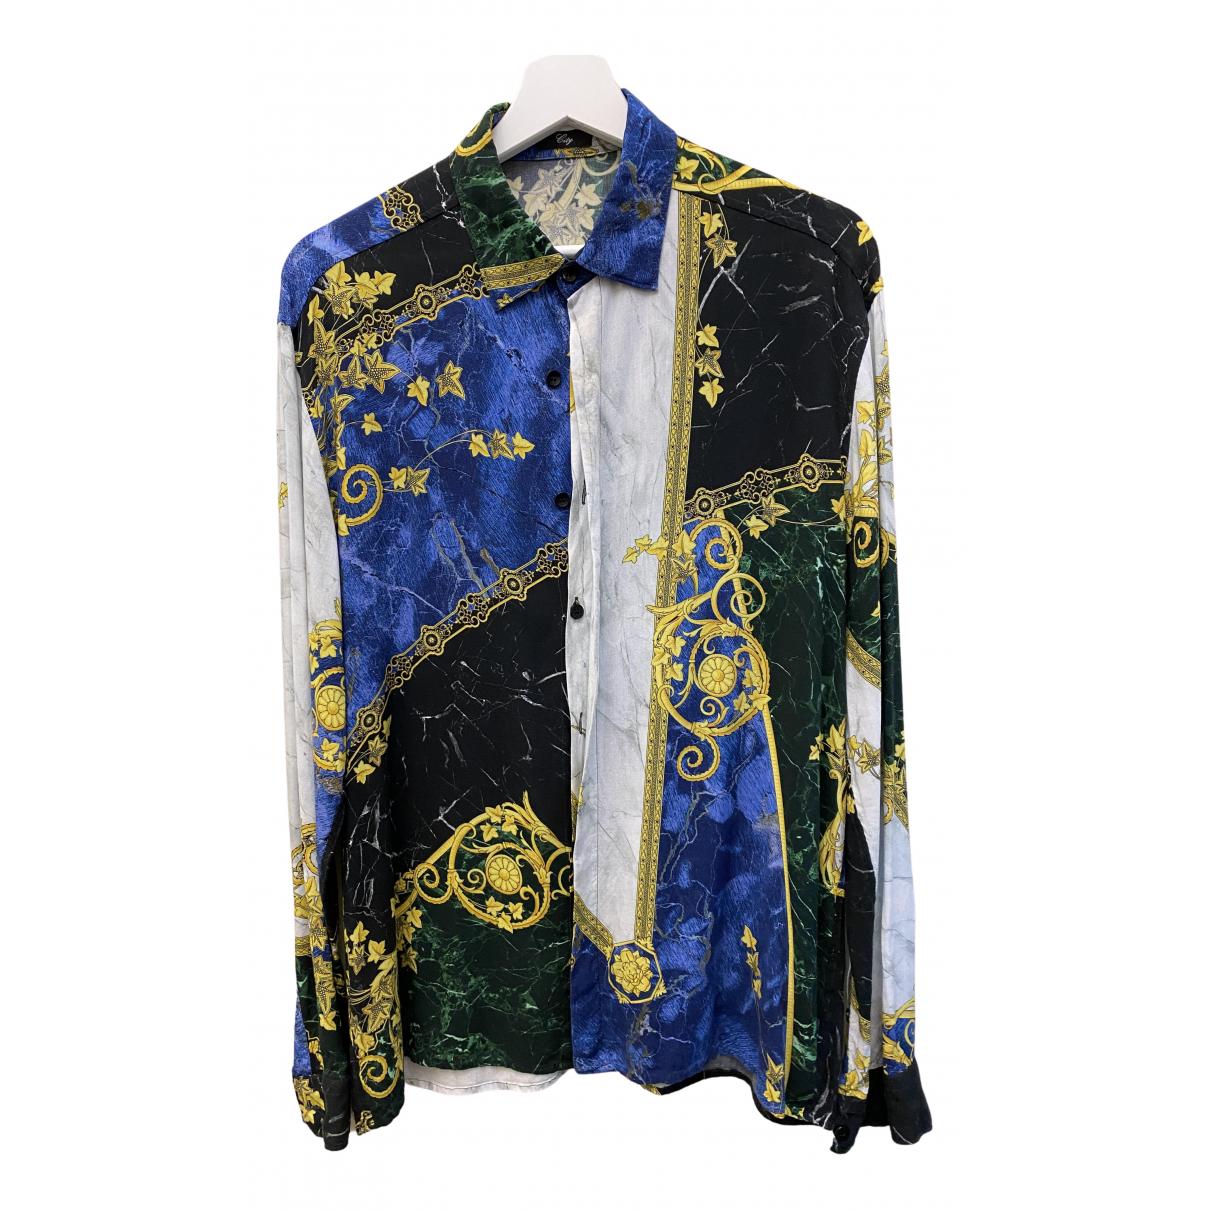 Versace N Multicolour Cotton Shirts for Men 40 EU (tour de cou / collar)